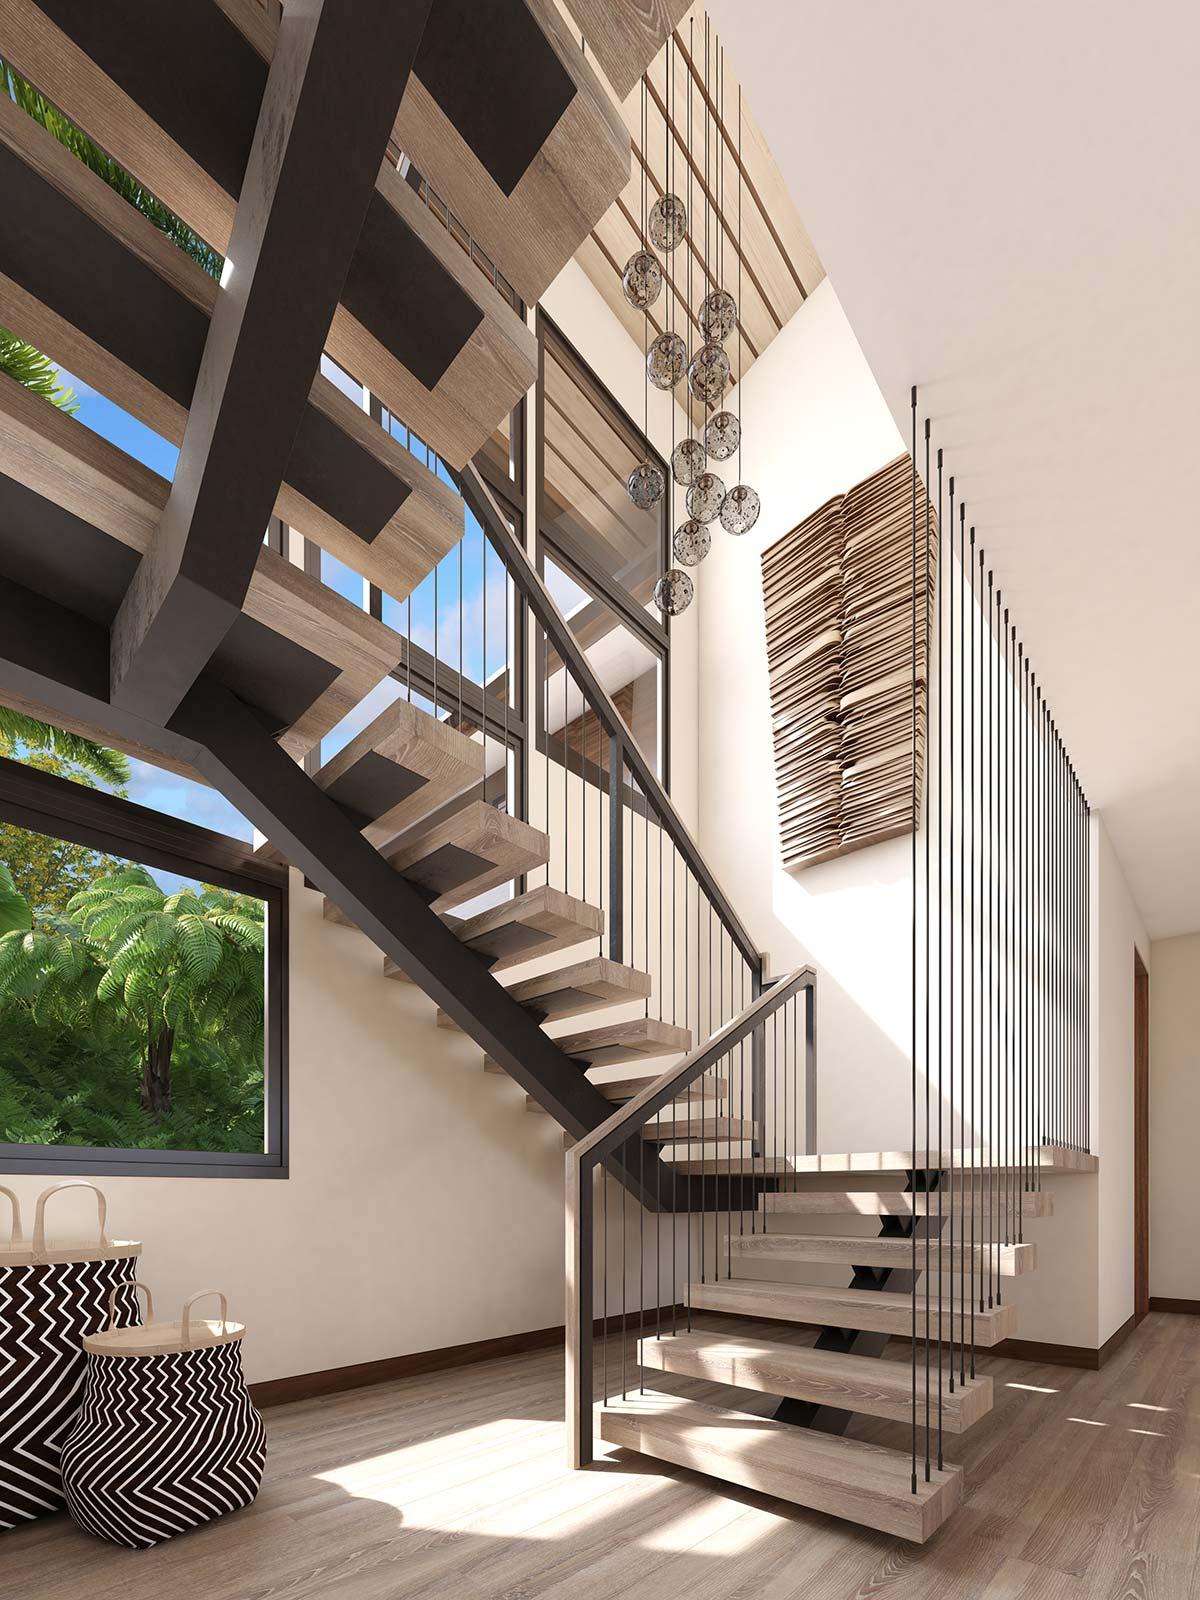 Kukuiula-Kauai-Hawaii-3D-Rendering-Stairs